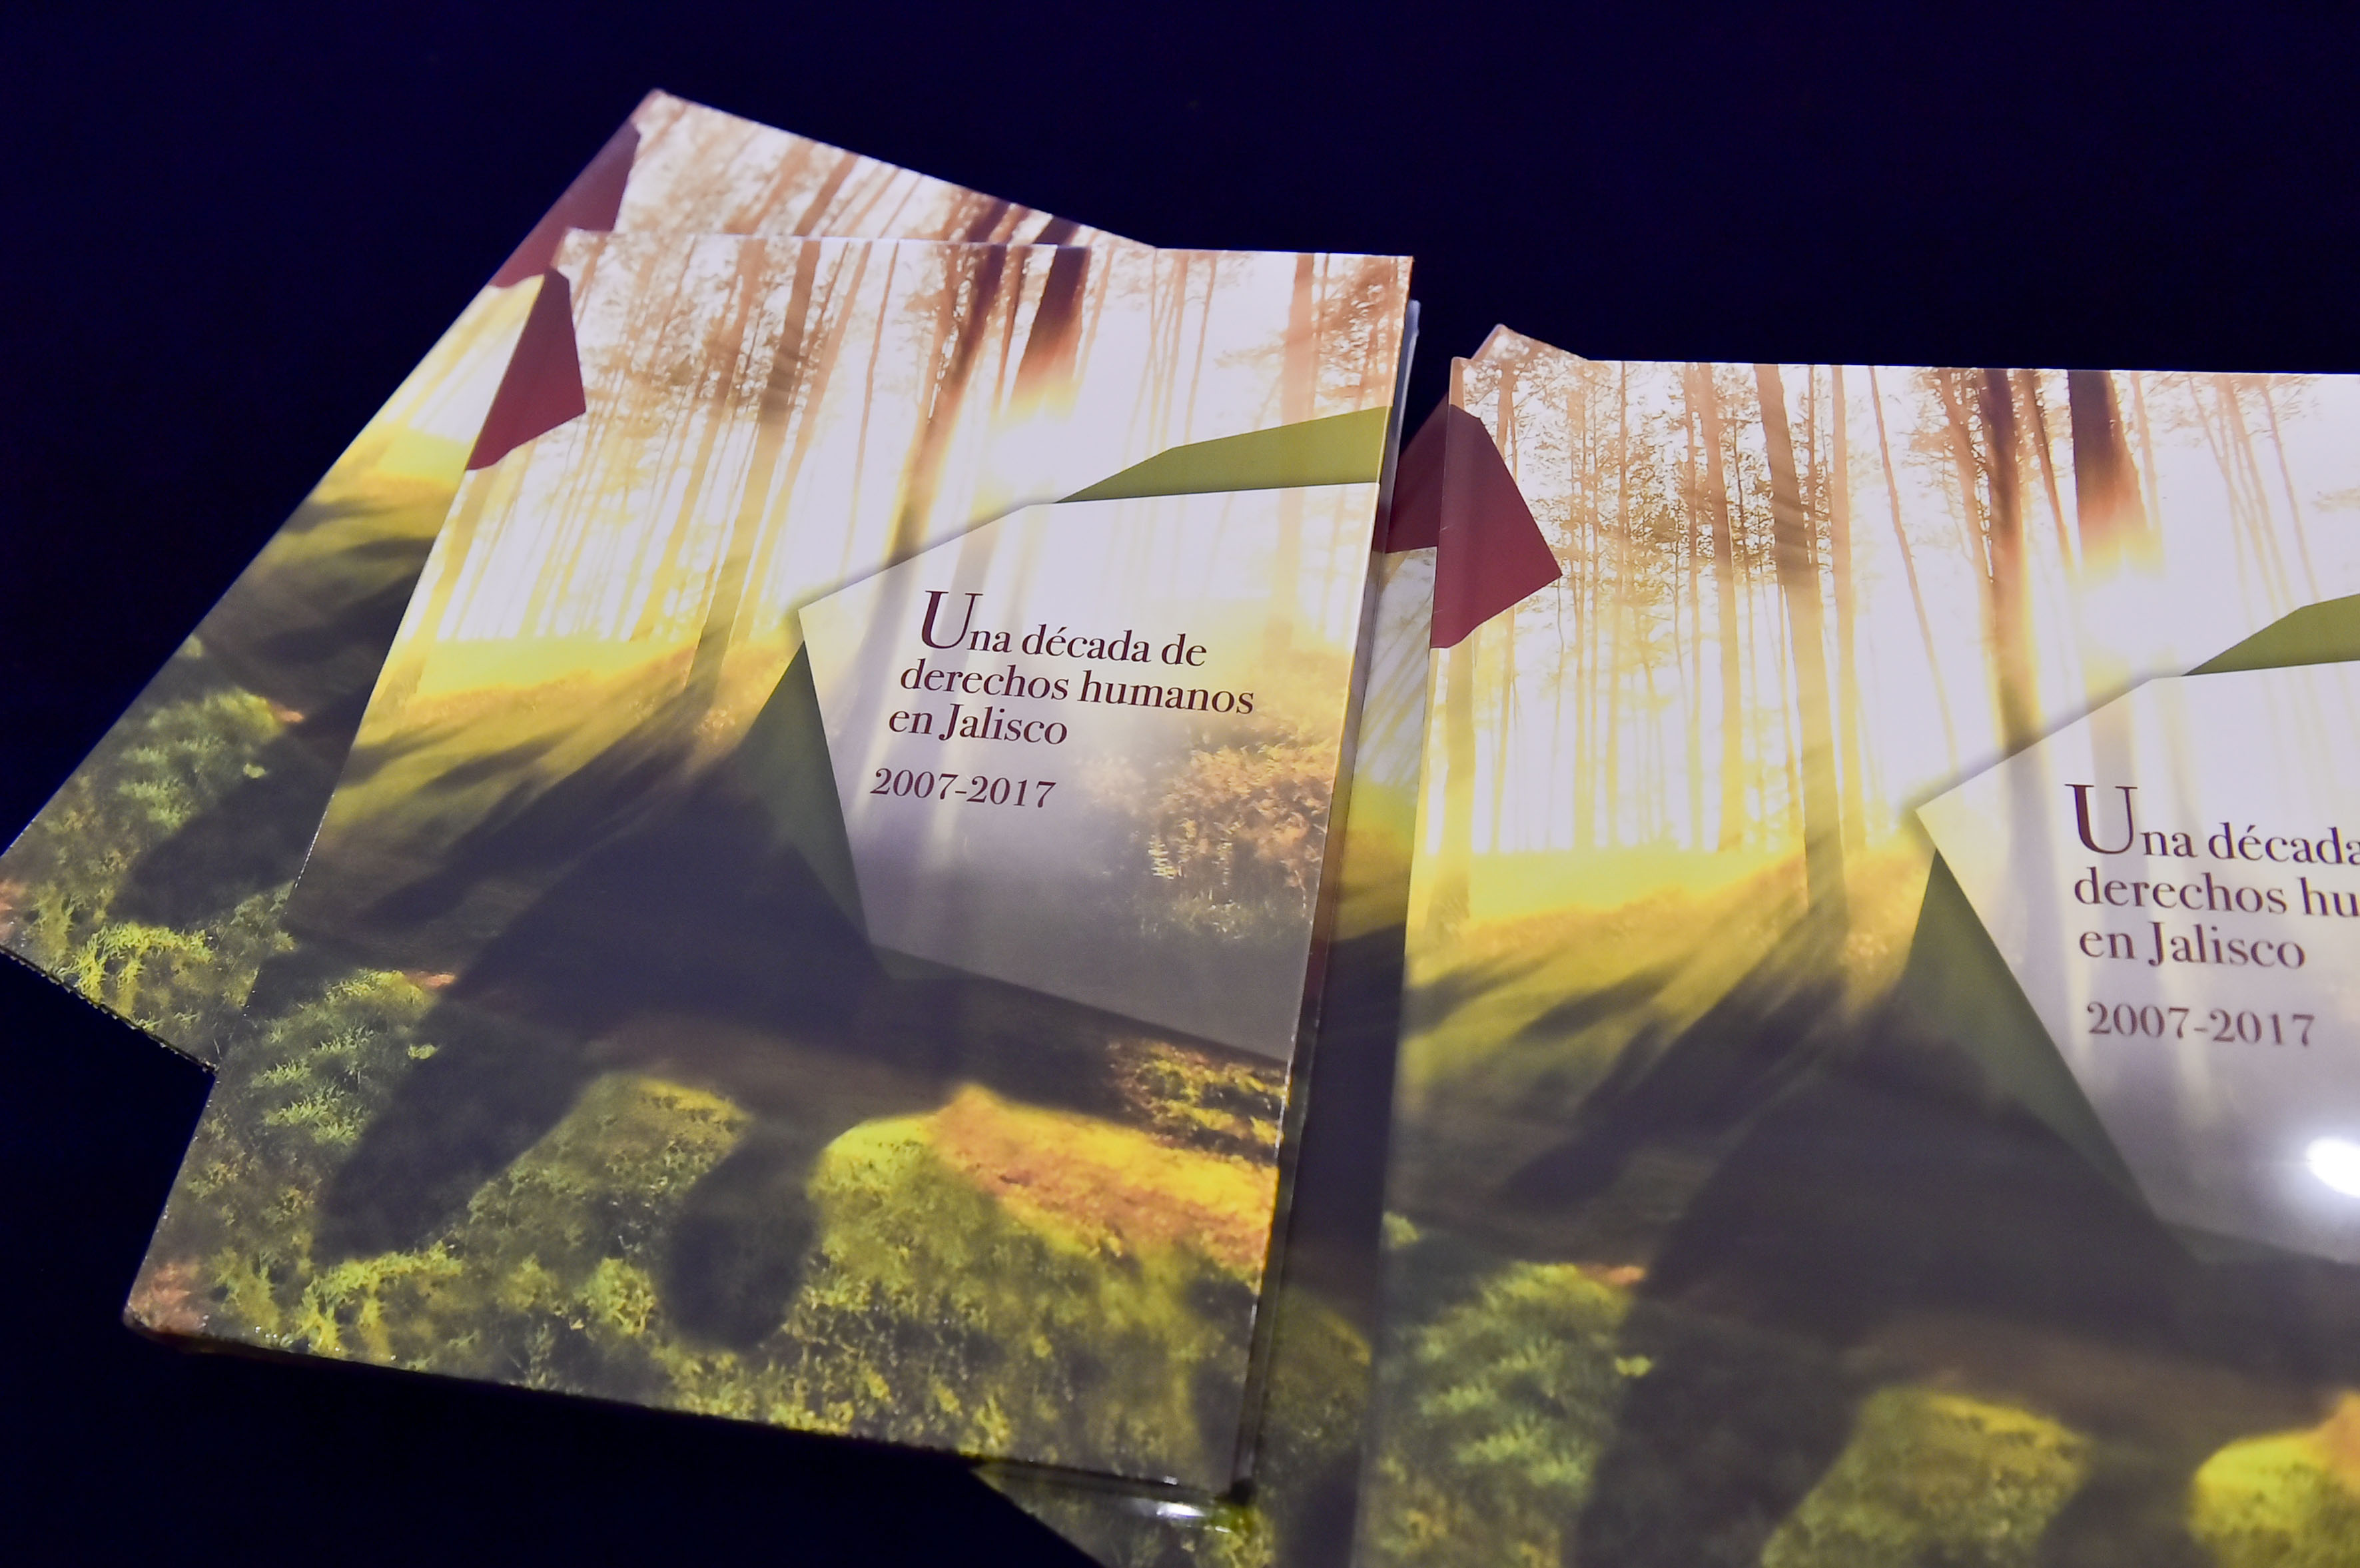 Portada del libro Una década de Derechos Humanos en Jalisco 2007-2017